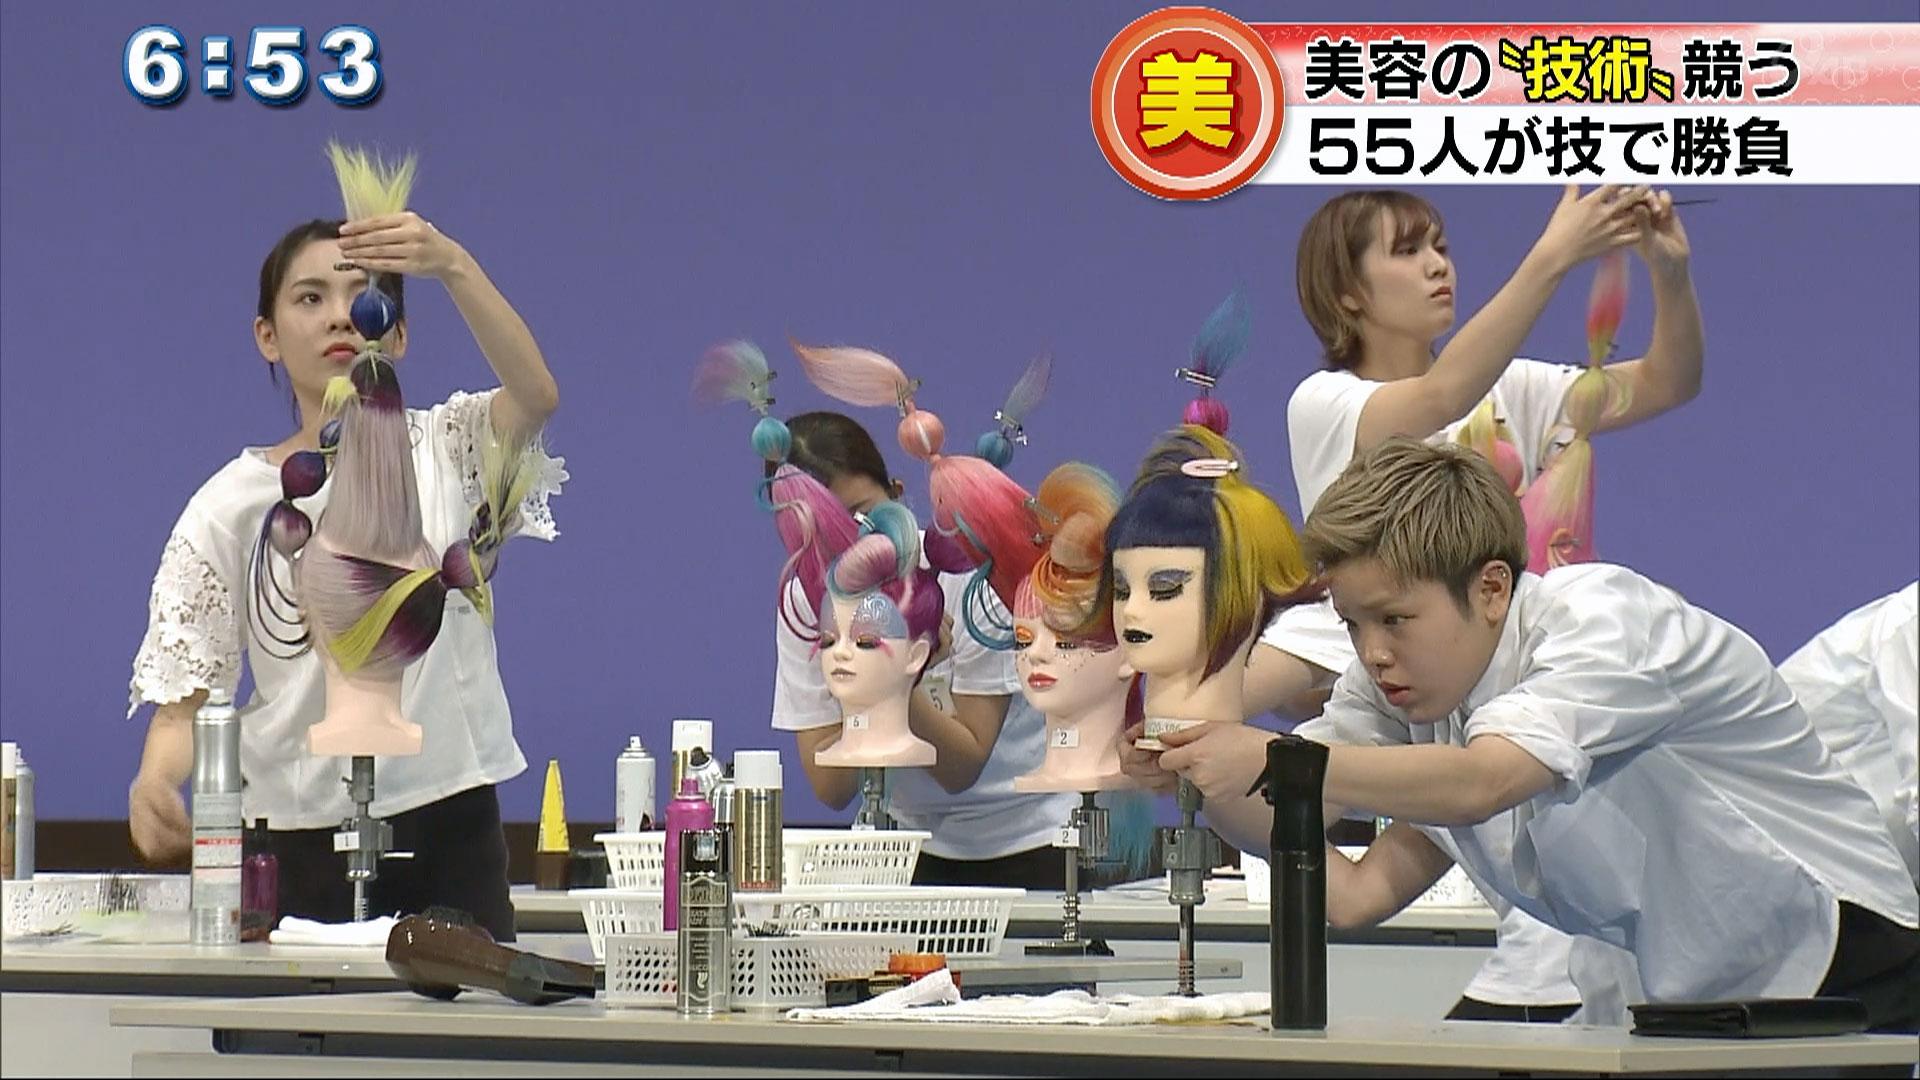 美容技術55人が競う